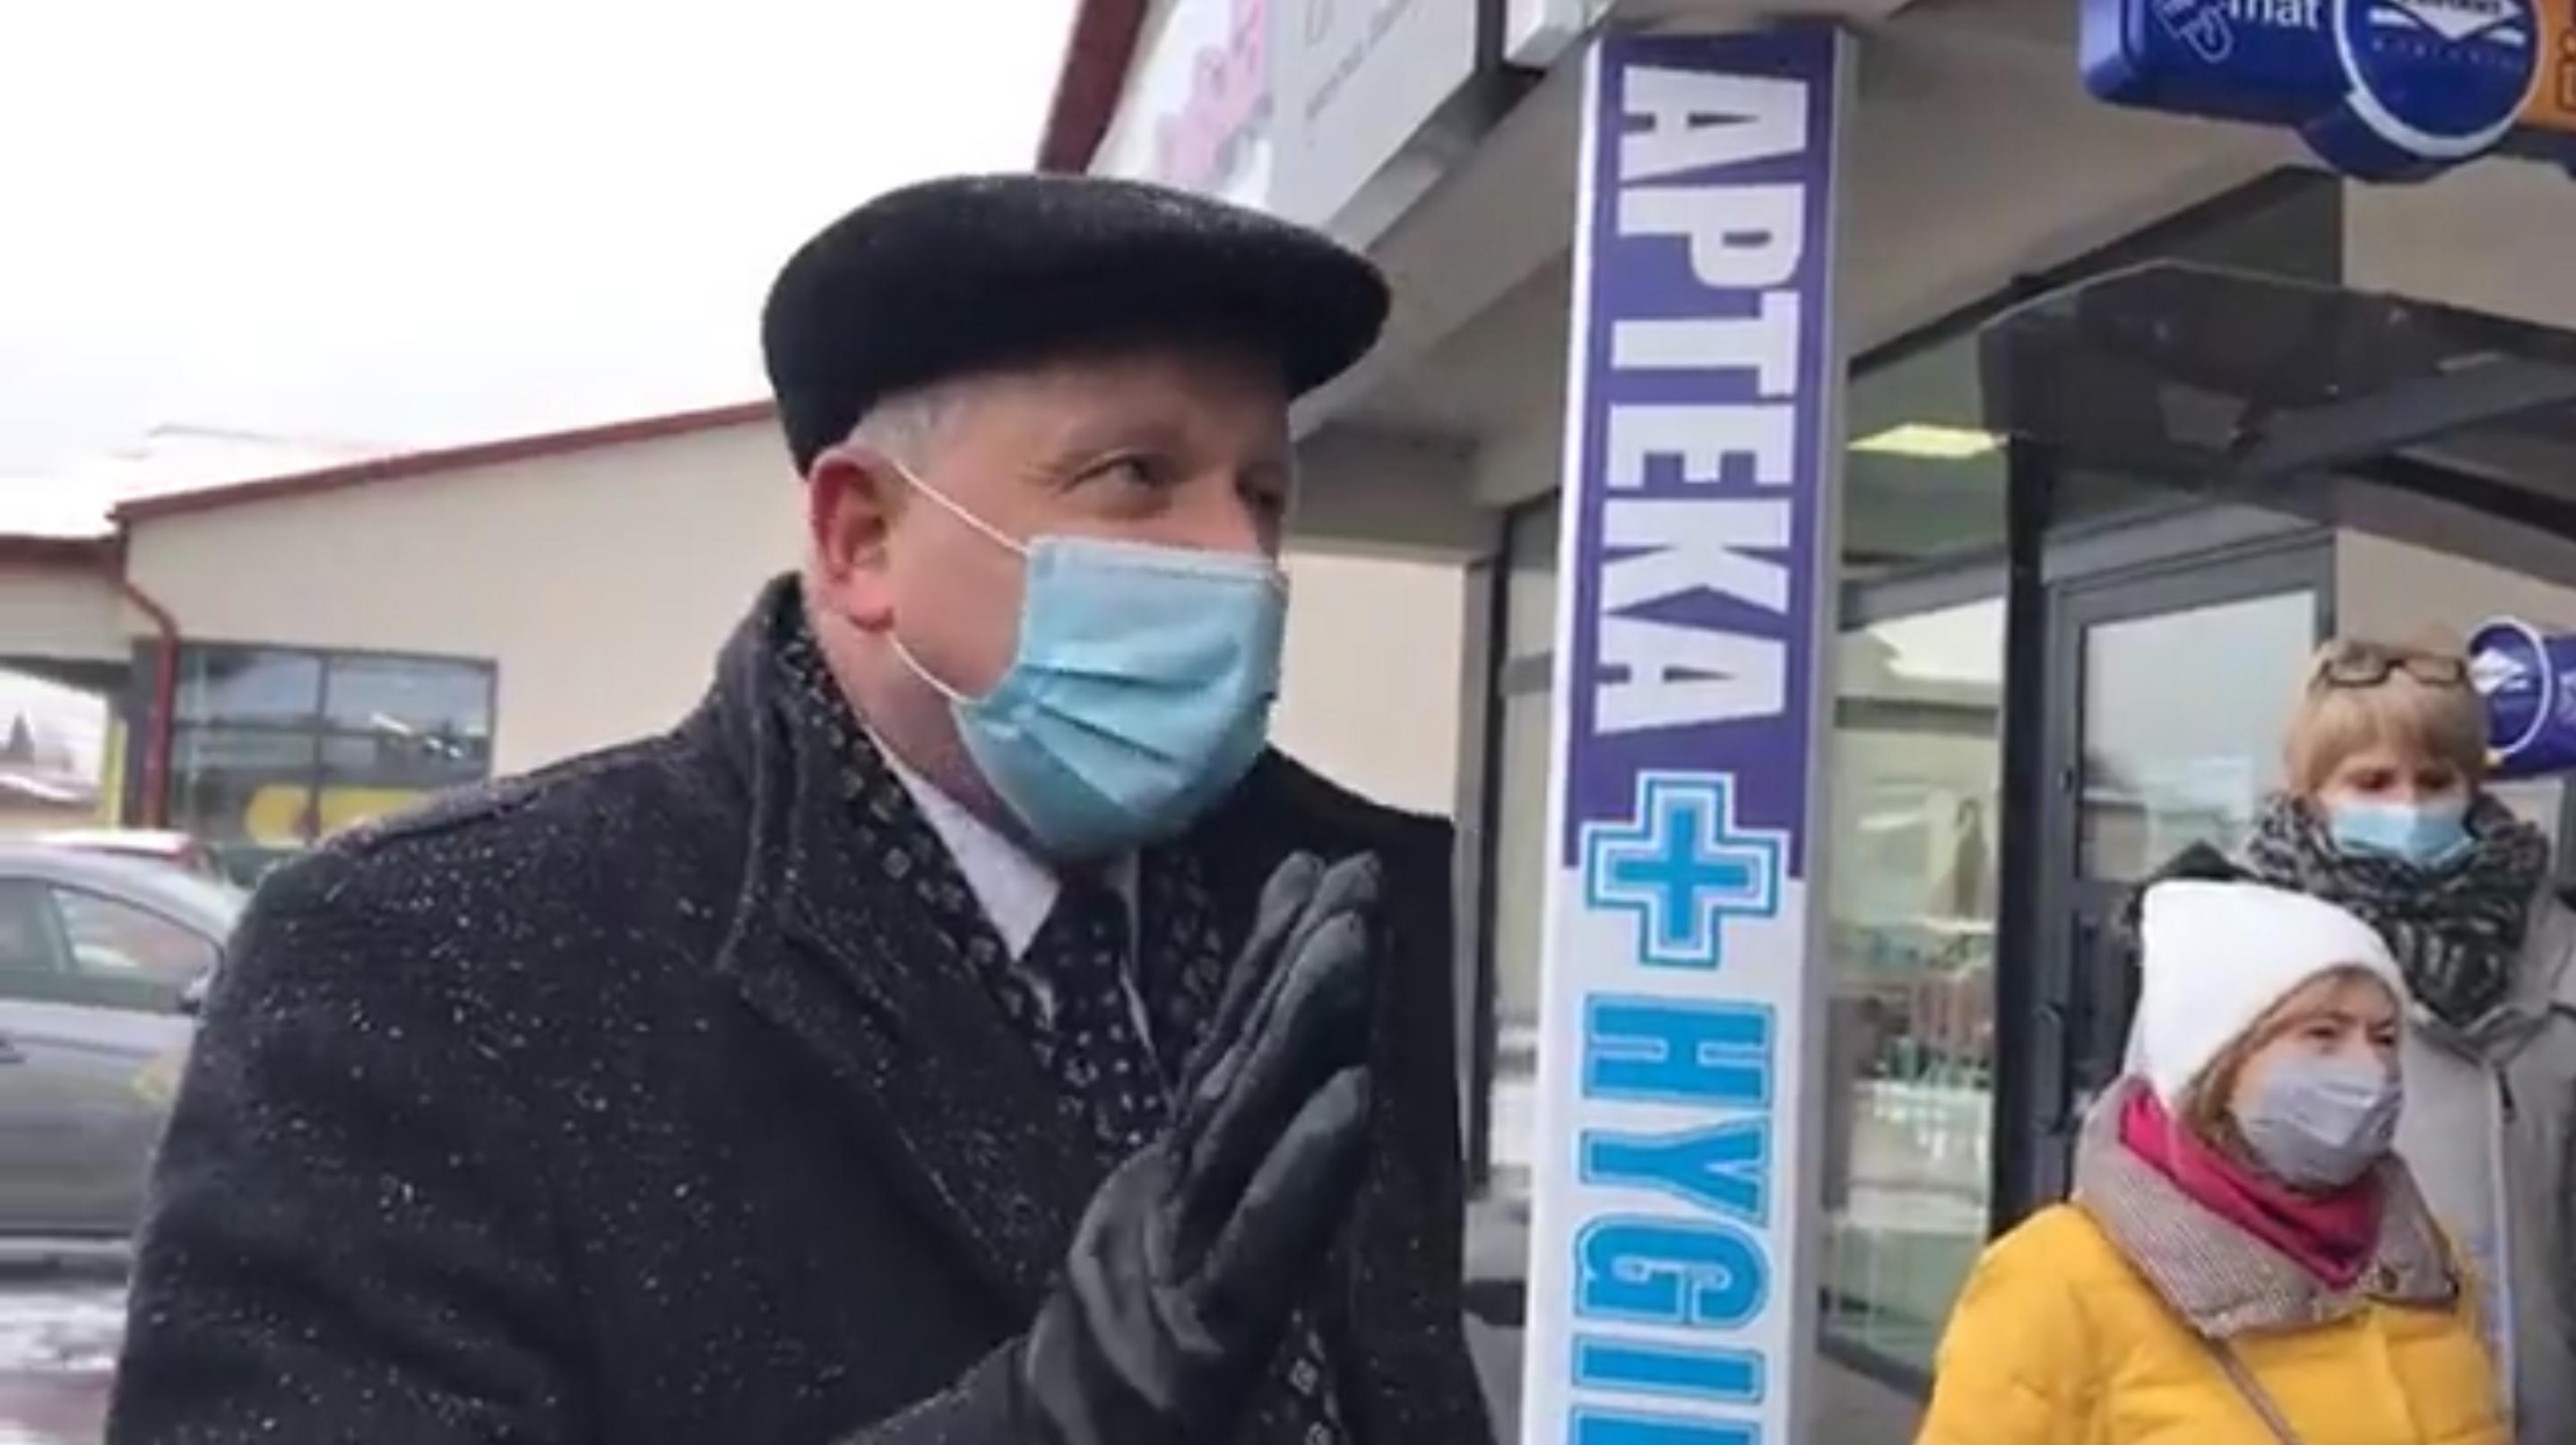 Burmistrz Kalwarii Zebrzydowskiej jest oburzony opóźnieniem otwarcia nowej apteki (fot. screen FB)